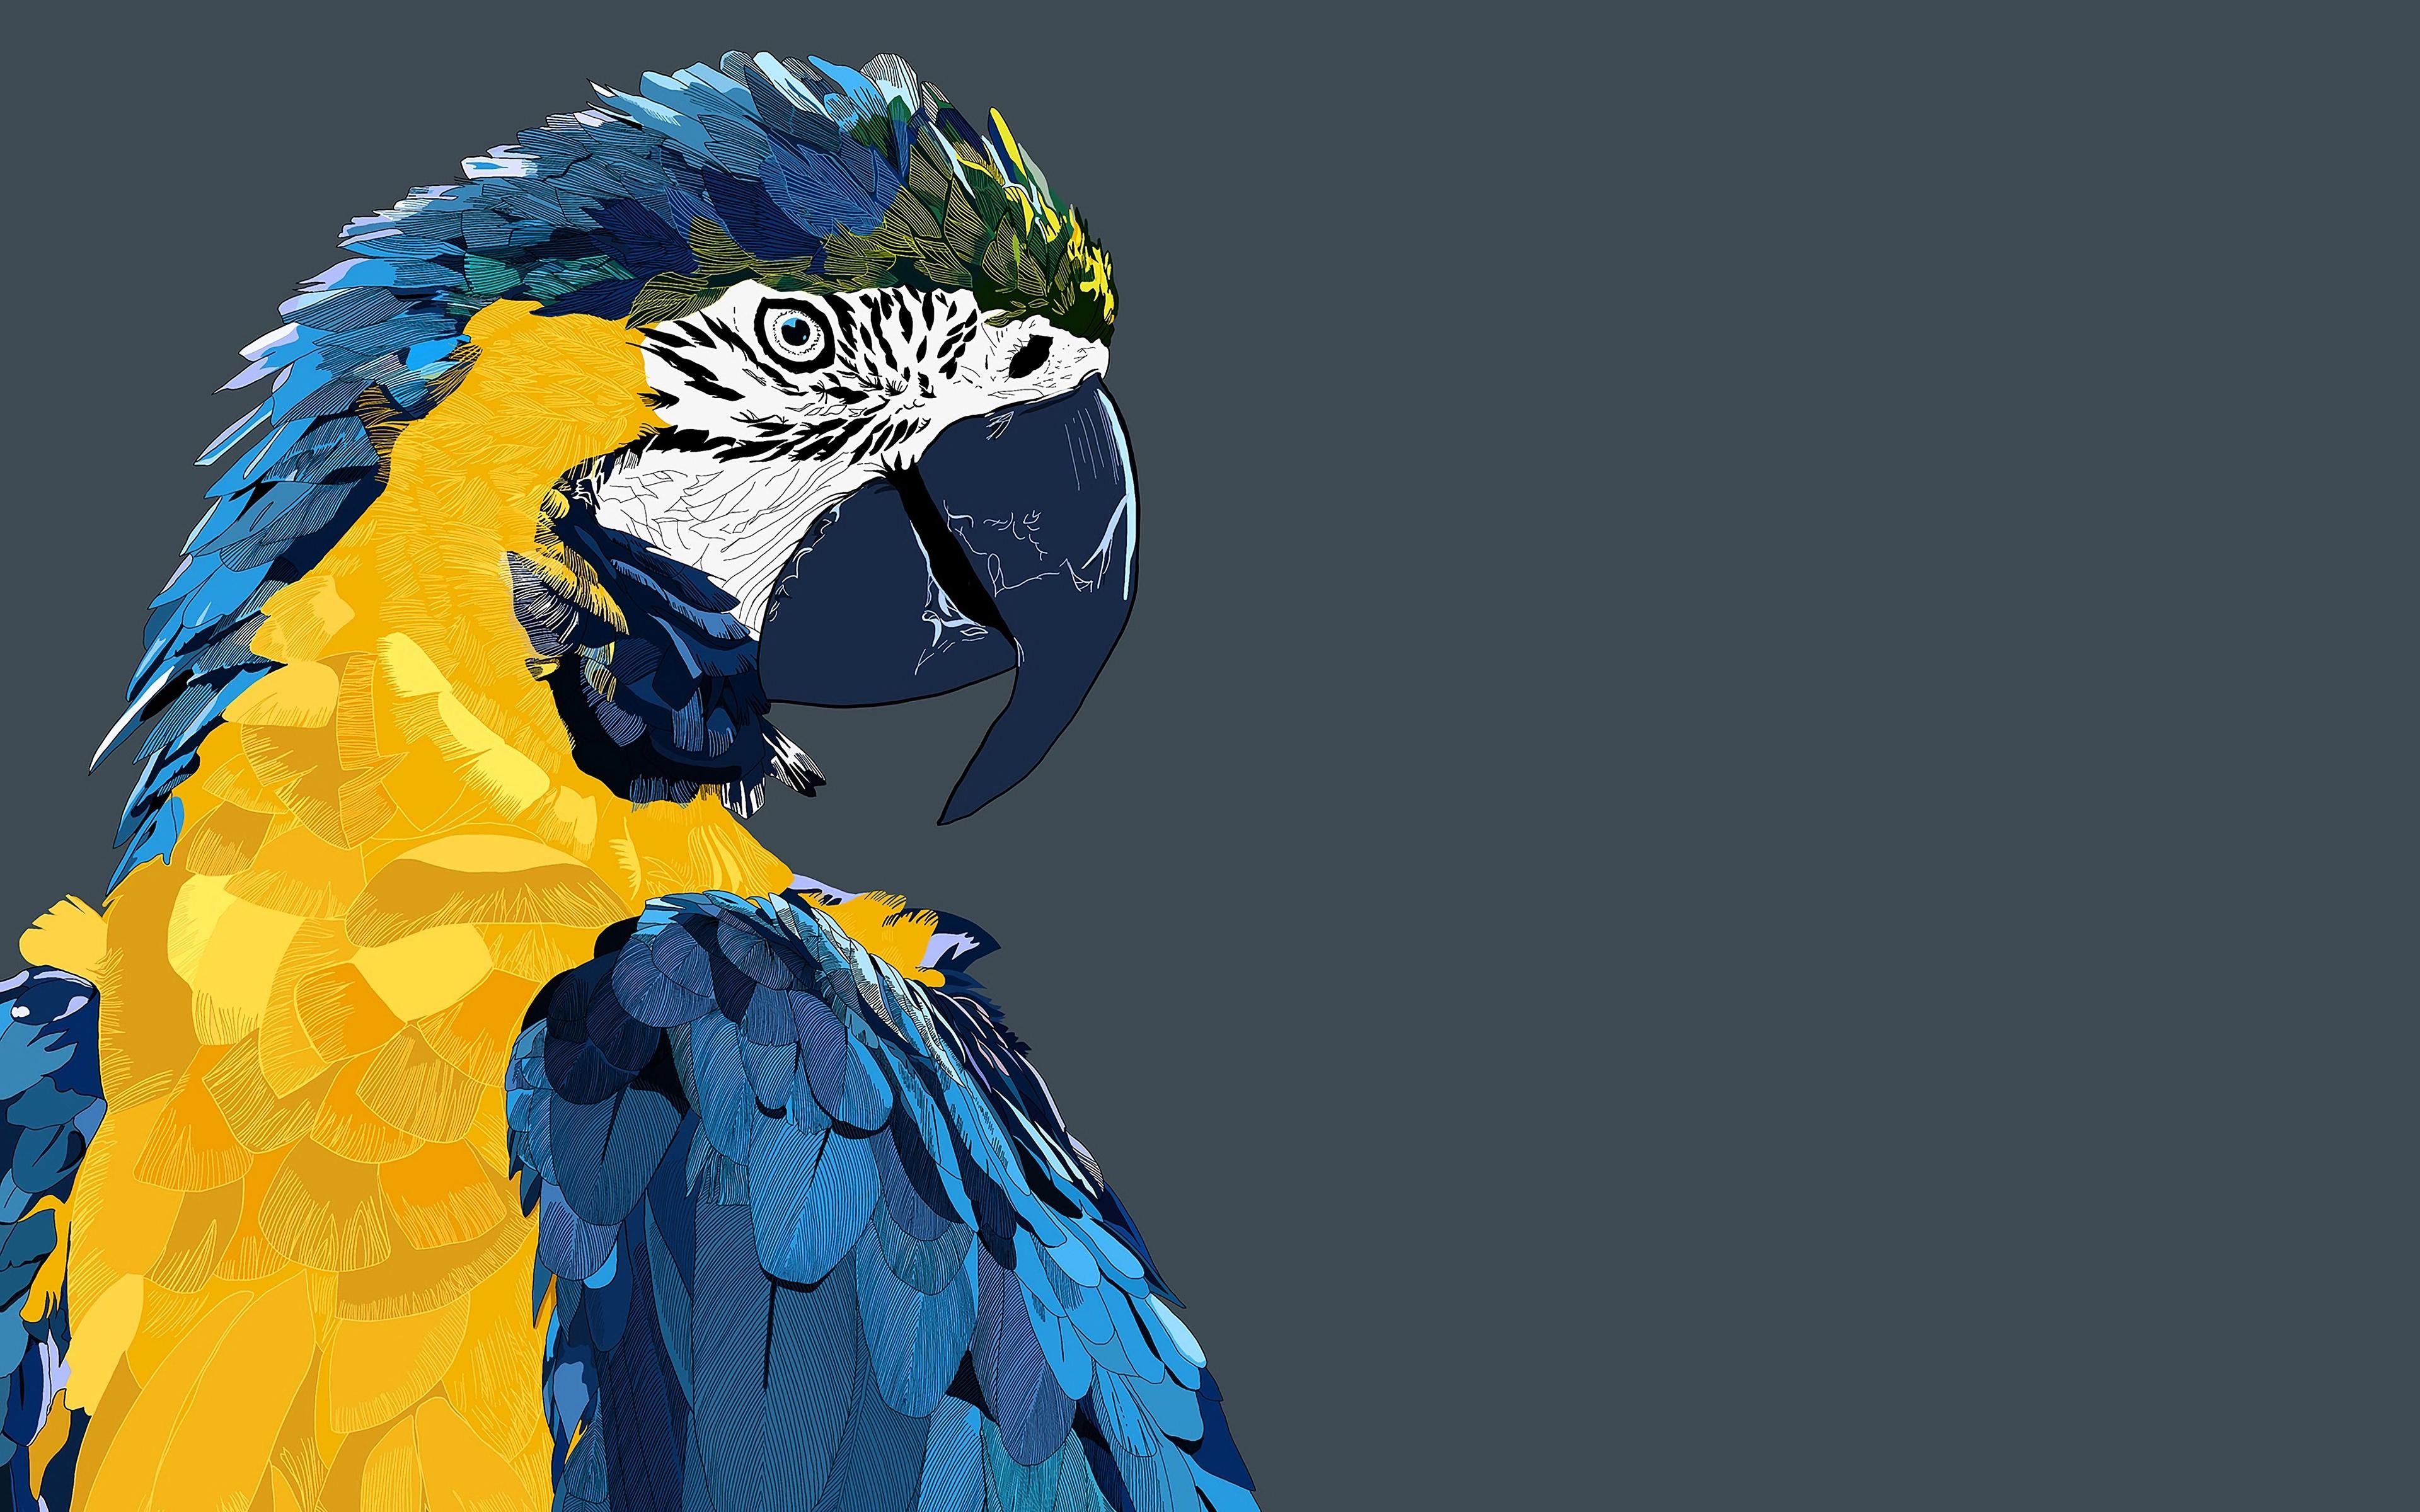 Low Poly Art, Macaw, Parrot, 4k, Birds, 3d Art - Art Wallpaper Birds , HD Wallpaper & Backgrounds